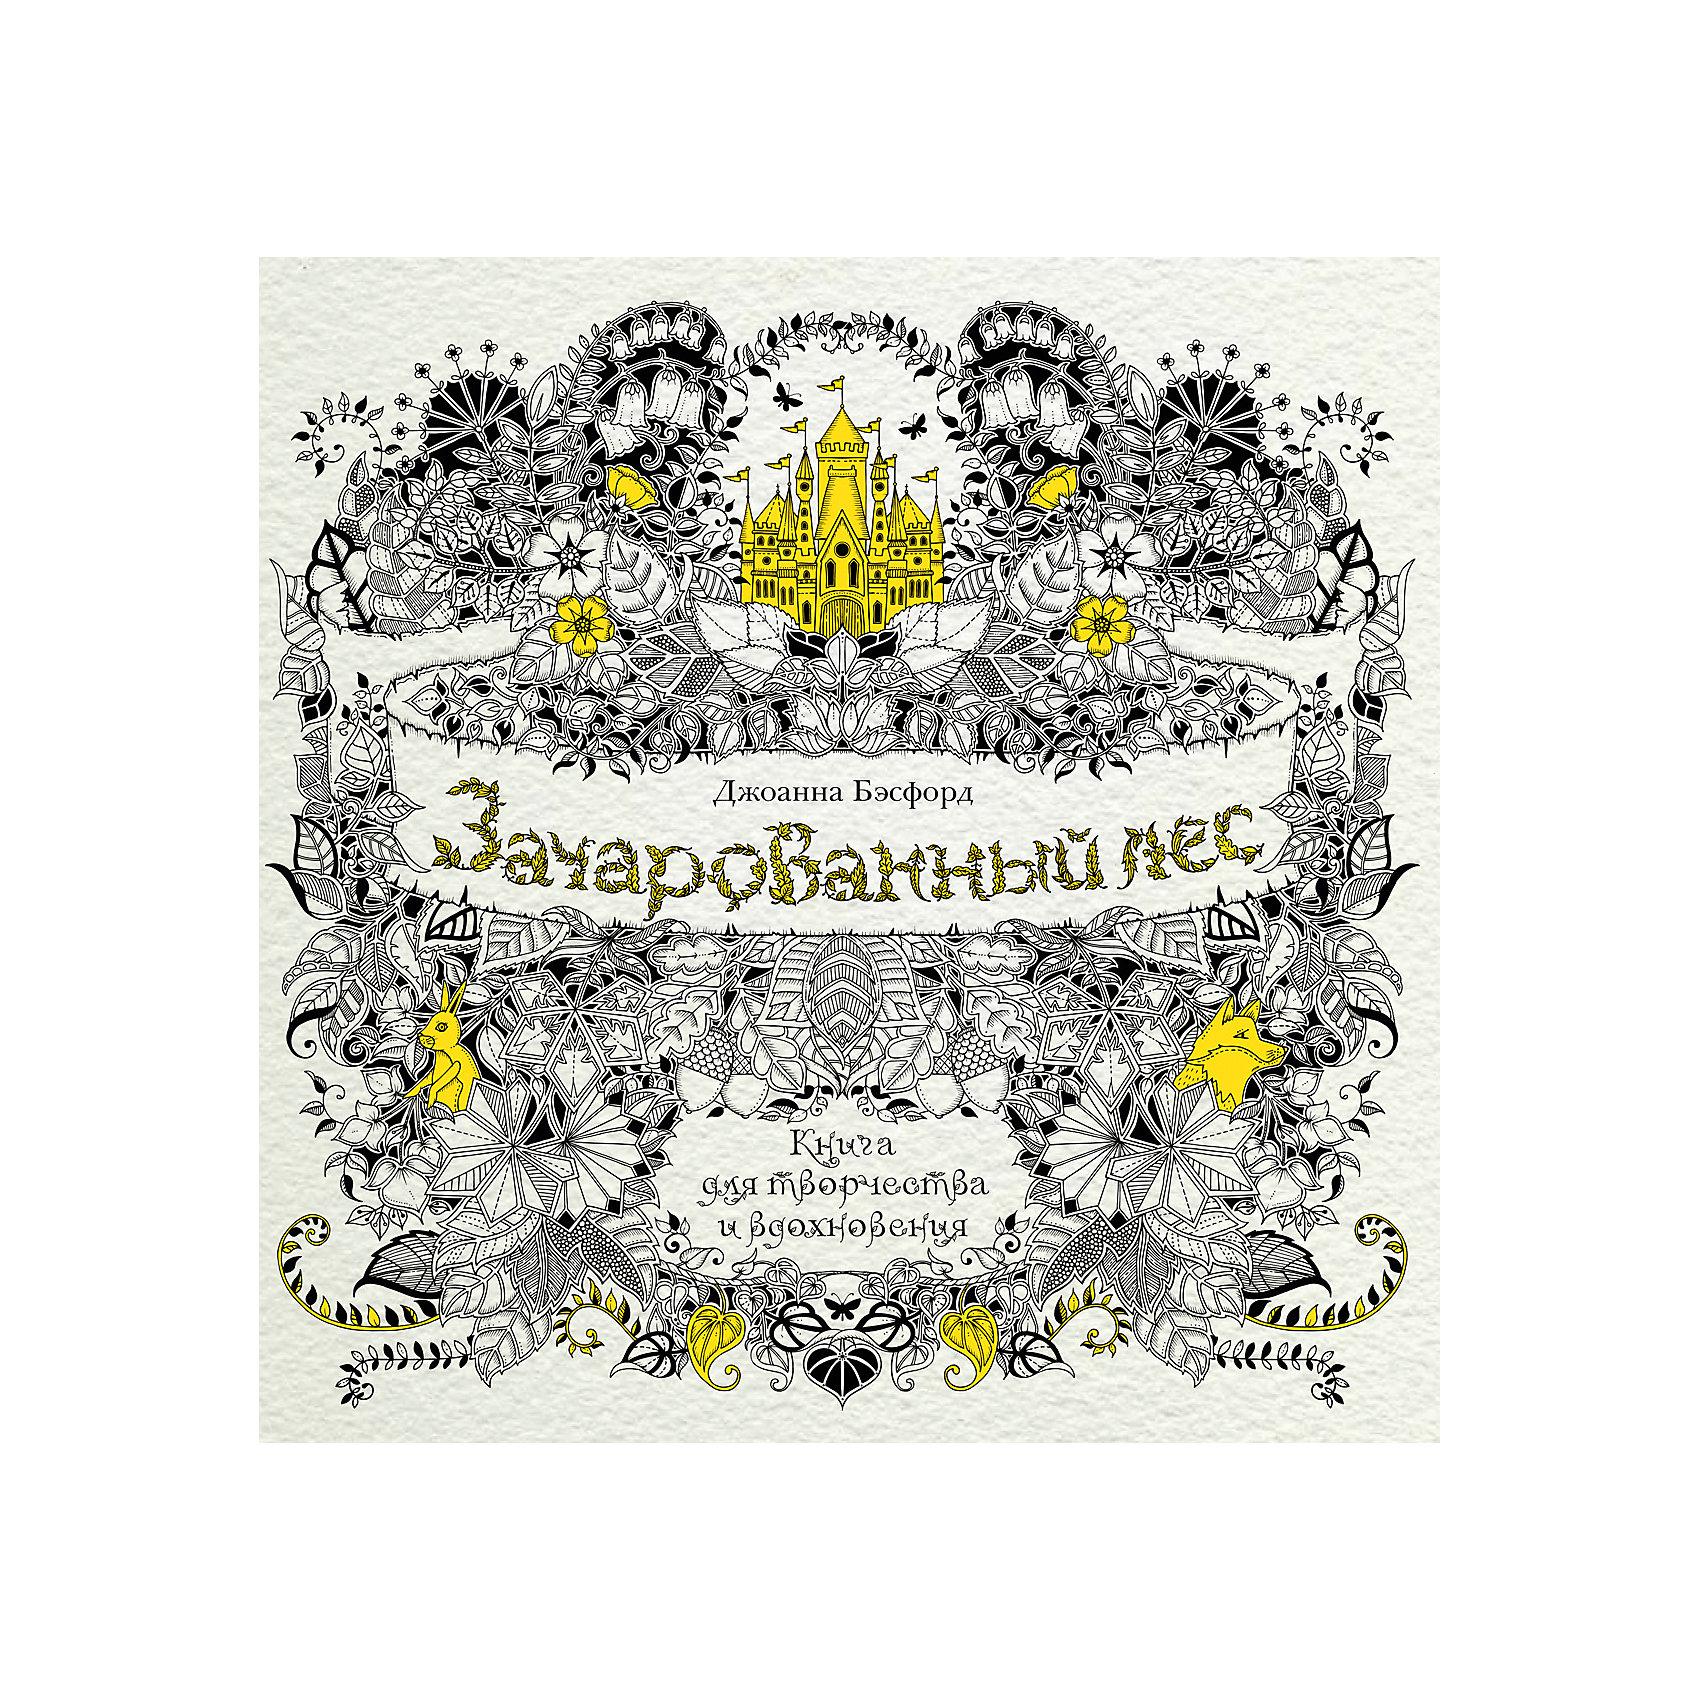 Книга для творчества и вдохновения Зачарованный лес, Джоанна БэсфордРаскраски для взрослых завоевали мир! Волшебное, вдохновляющее путешествие от дневных забот в мир творчества.<br><br>Работы Джоанны Бэсфорд случайно нашла редактор английского издательства LAURENCE KING и обратила внимания на восторженные отзывы в блоге художницы. Так родилась идея создания оригинальной раскраски для взрослых. Выпустив книгу и поверив в успех, издатель не ошибся. За несколько месяцев «Таинственный сад» был продан тиражом более 1 000 000 экз. Настоящим открытием и синонимом успеха стал новый тренд, который определил и новый вид книжной продукции – раскраски для взрослых. Вместе с популярным увлечением, который не случайно называют арт-терапия, мир получил и королеву этого направления – Джоанну Бэсфорд.<br><br>Дополнительная информация:<br><br>Серия: Арт-терапия<br>Автор: Бэсфорд Дж.<br>Формат: 250х250 мм .<br>Количество страниц: 96 <br><br>Книгу для творчества и вдохновения Зачарованный лес можно купить в нашем магазине.<br><br>Ширина мм: 250<br>Глубина мм: 250<br>Высота мм: 11<br>Вес г: 430<br>Возраст от месяцев: 72<br>Возраст до месяцев: 168<br>Пол: Унисекс<br>Возраст: Детский<br>SKU: 4194016